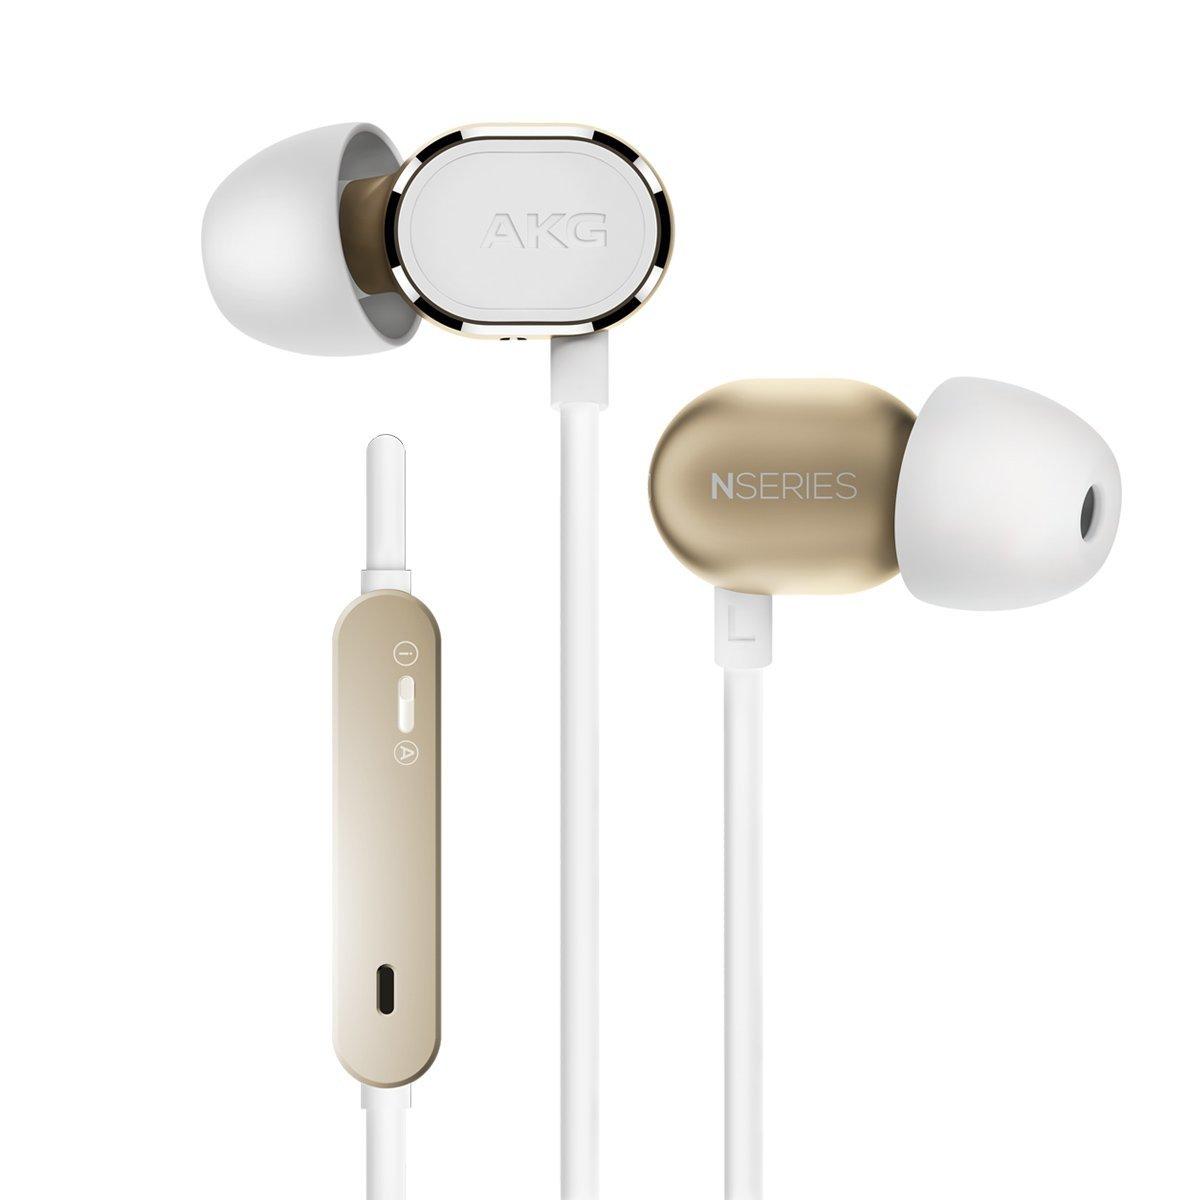 AKG N20C tai nghe stereo nhạc nghe lọt tai kiểu tai nghe điện thoại di động Apple an tai nghe tai ng